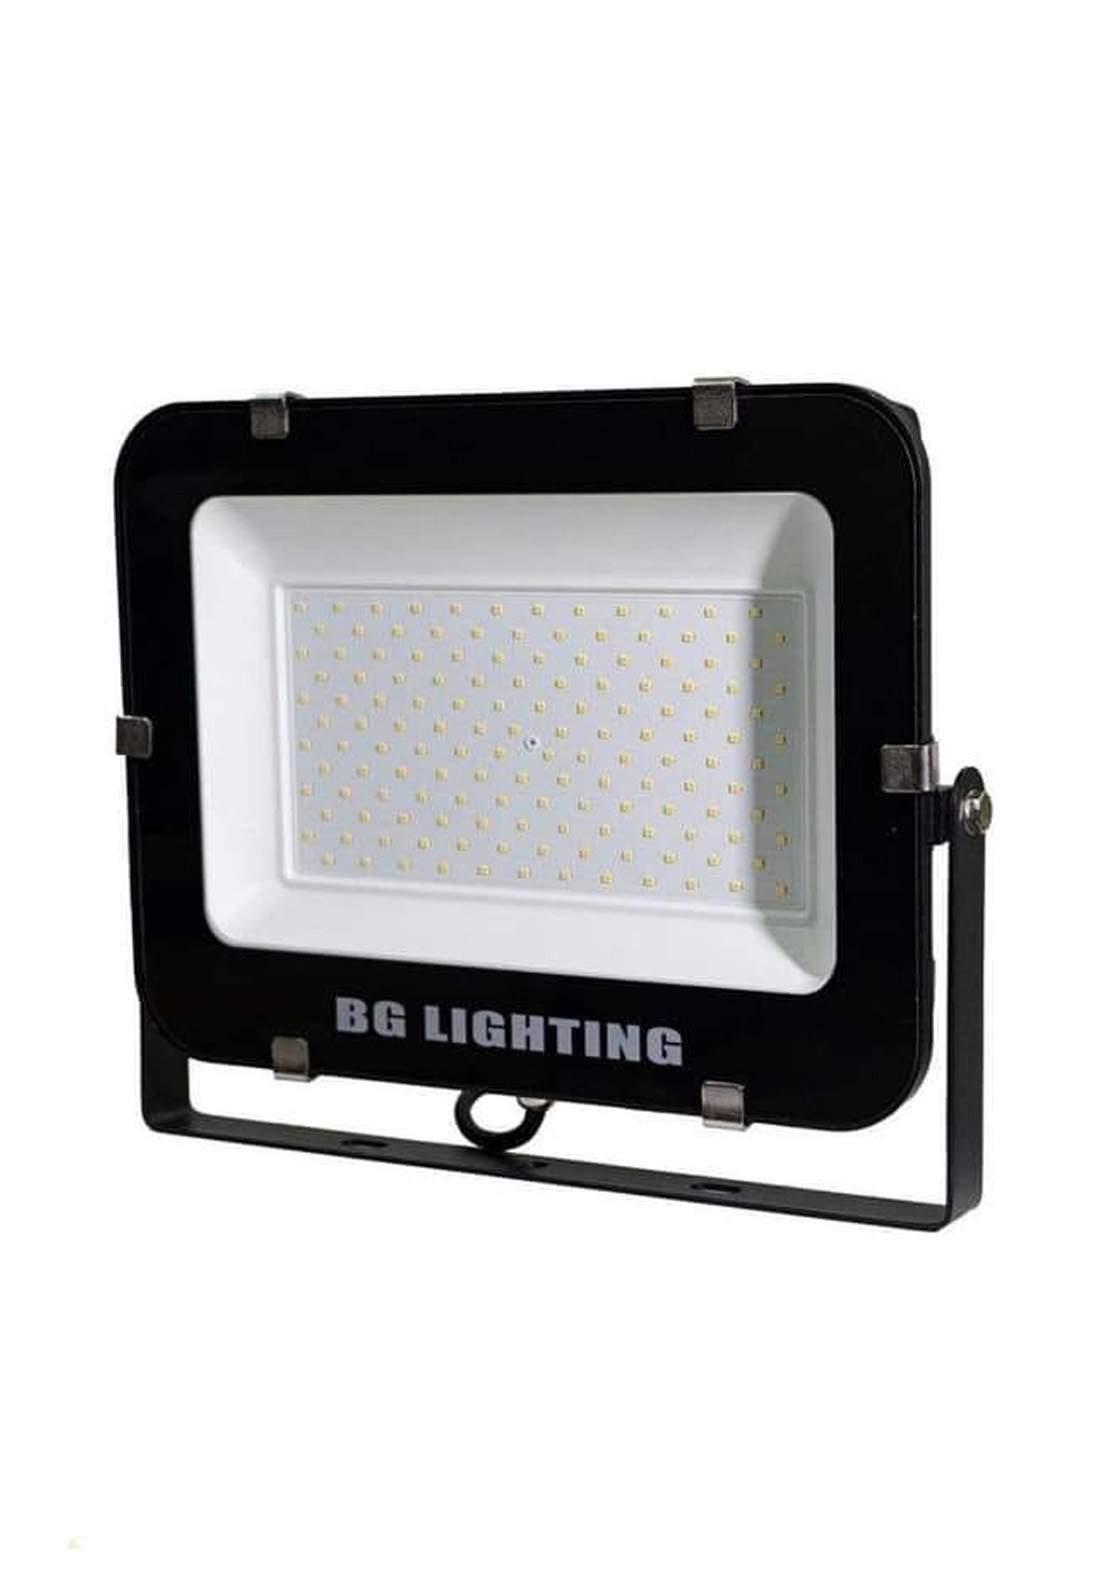 BG LED Floodlight 300 W بروجيكتر ليد